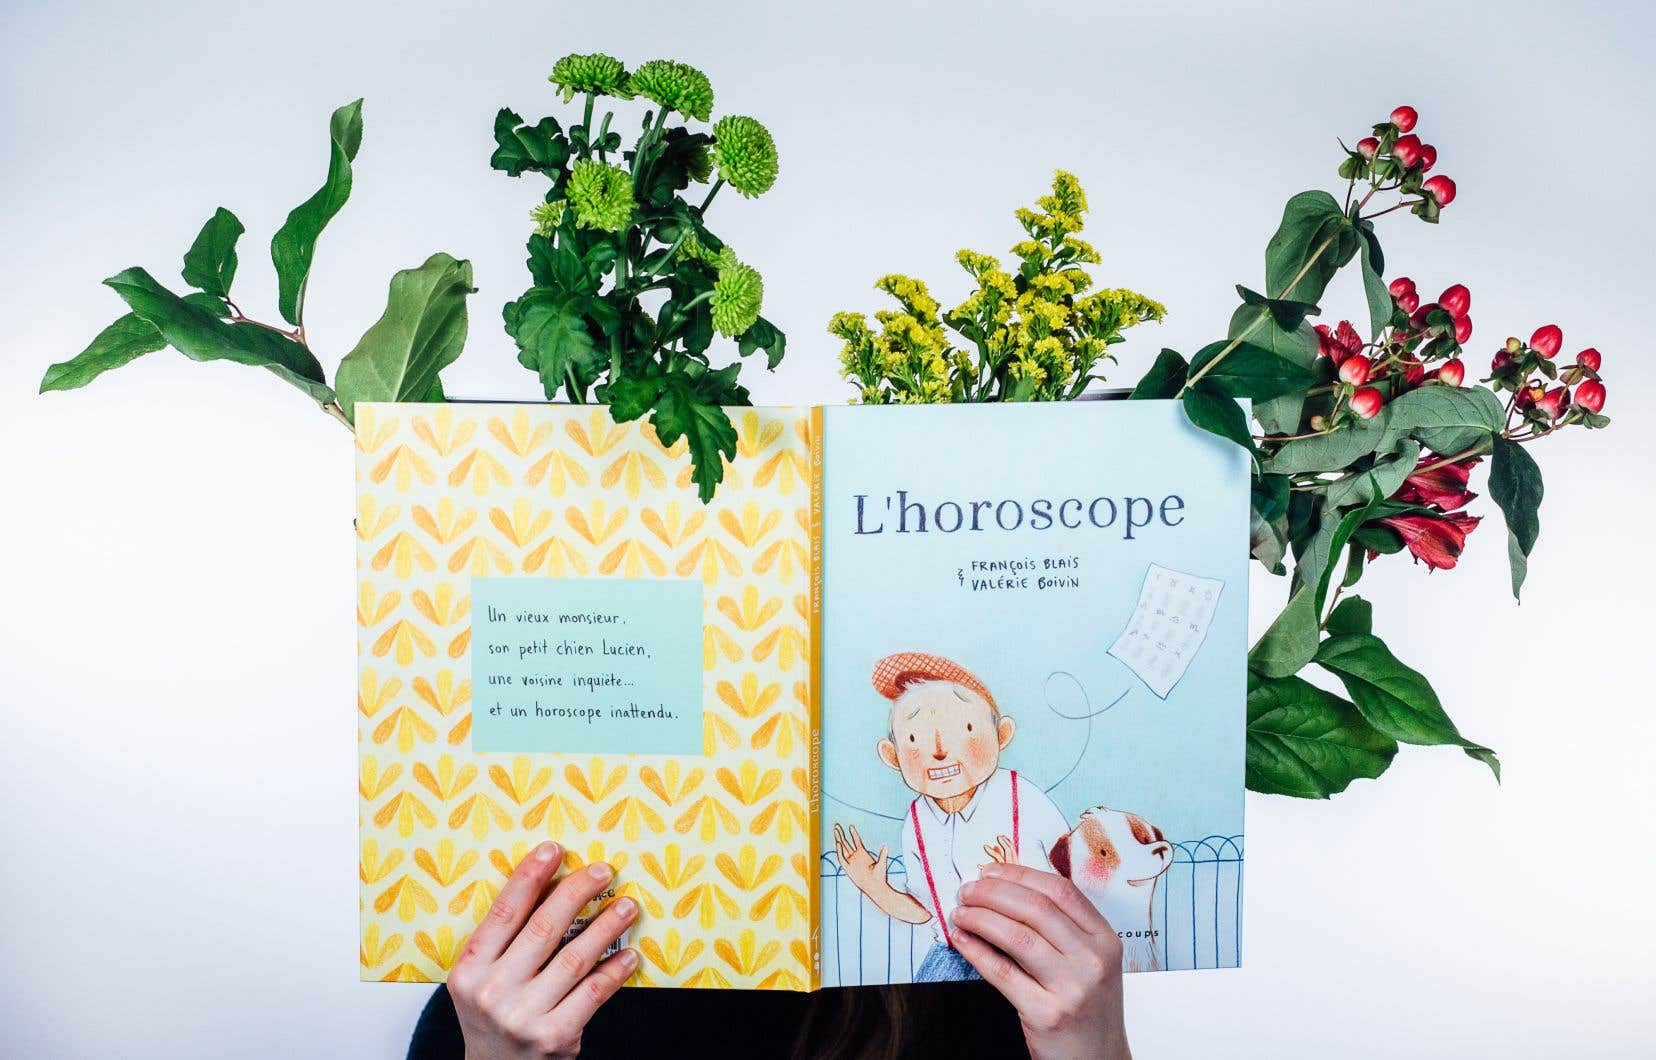 «L'horoscope», de François Blais et Valérie Boivin, nous plonge dans le monde troublant de l'anxiété.